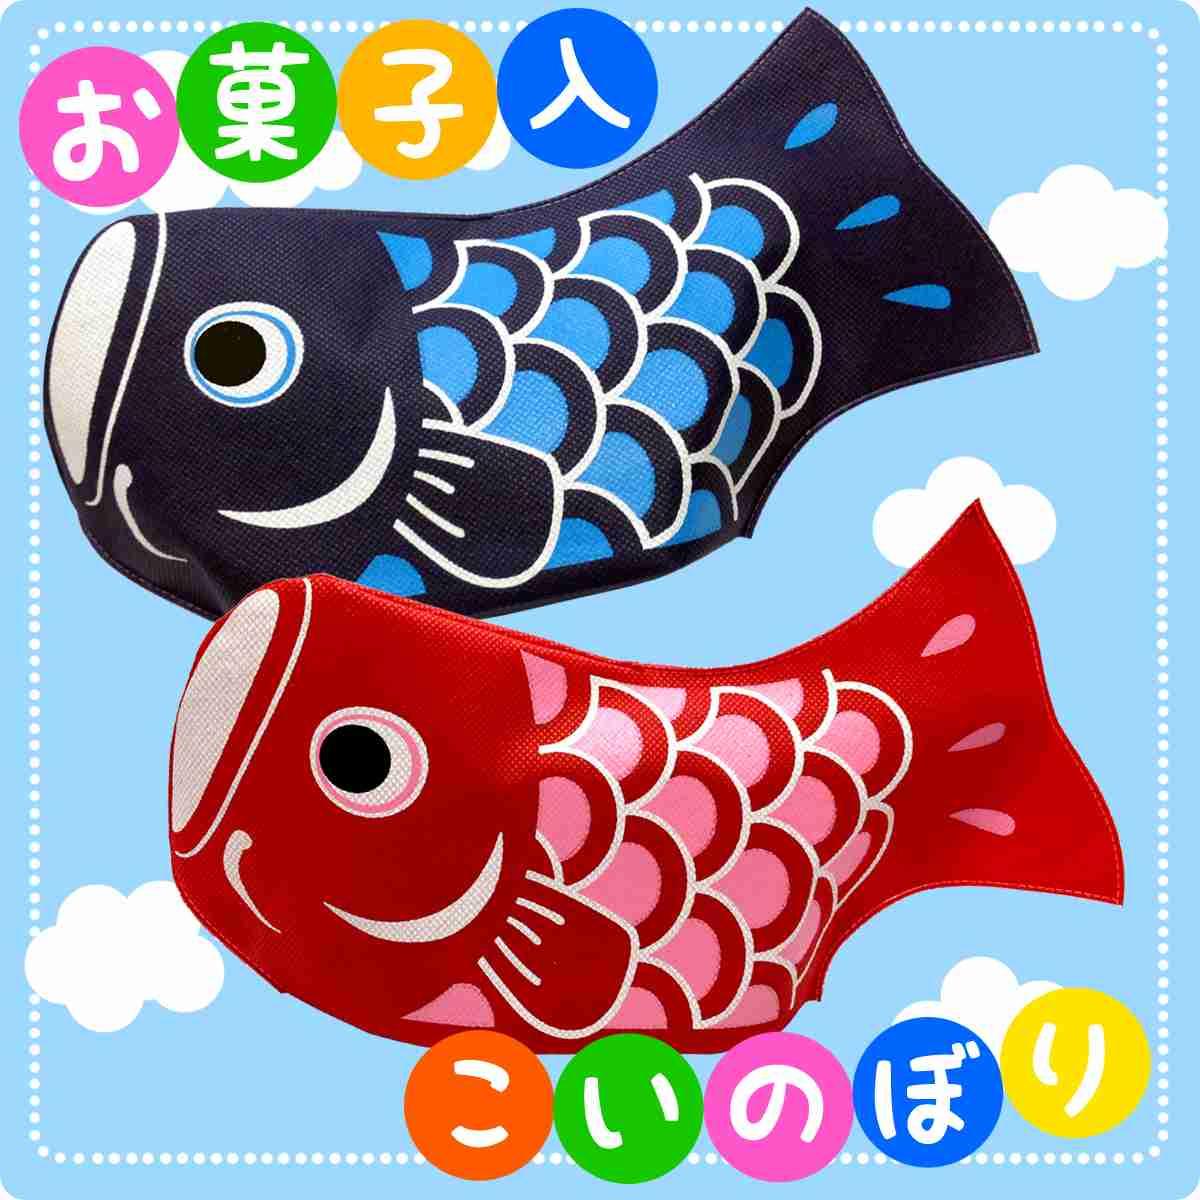 皆さんの鯉のぼり事情